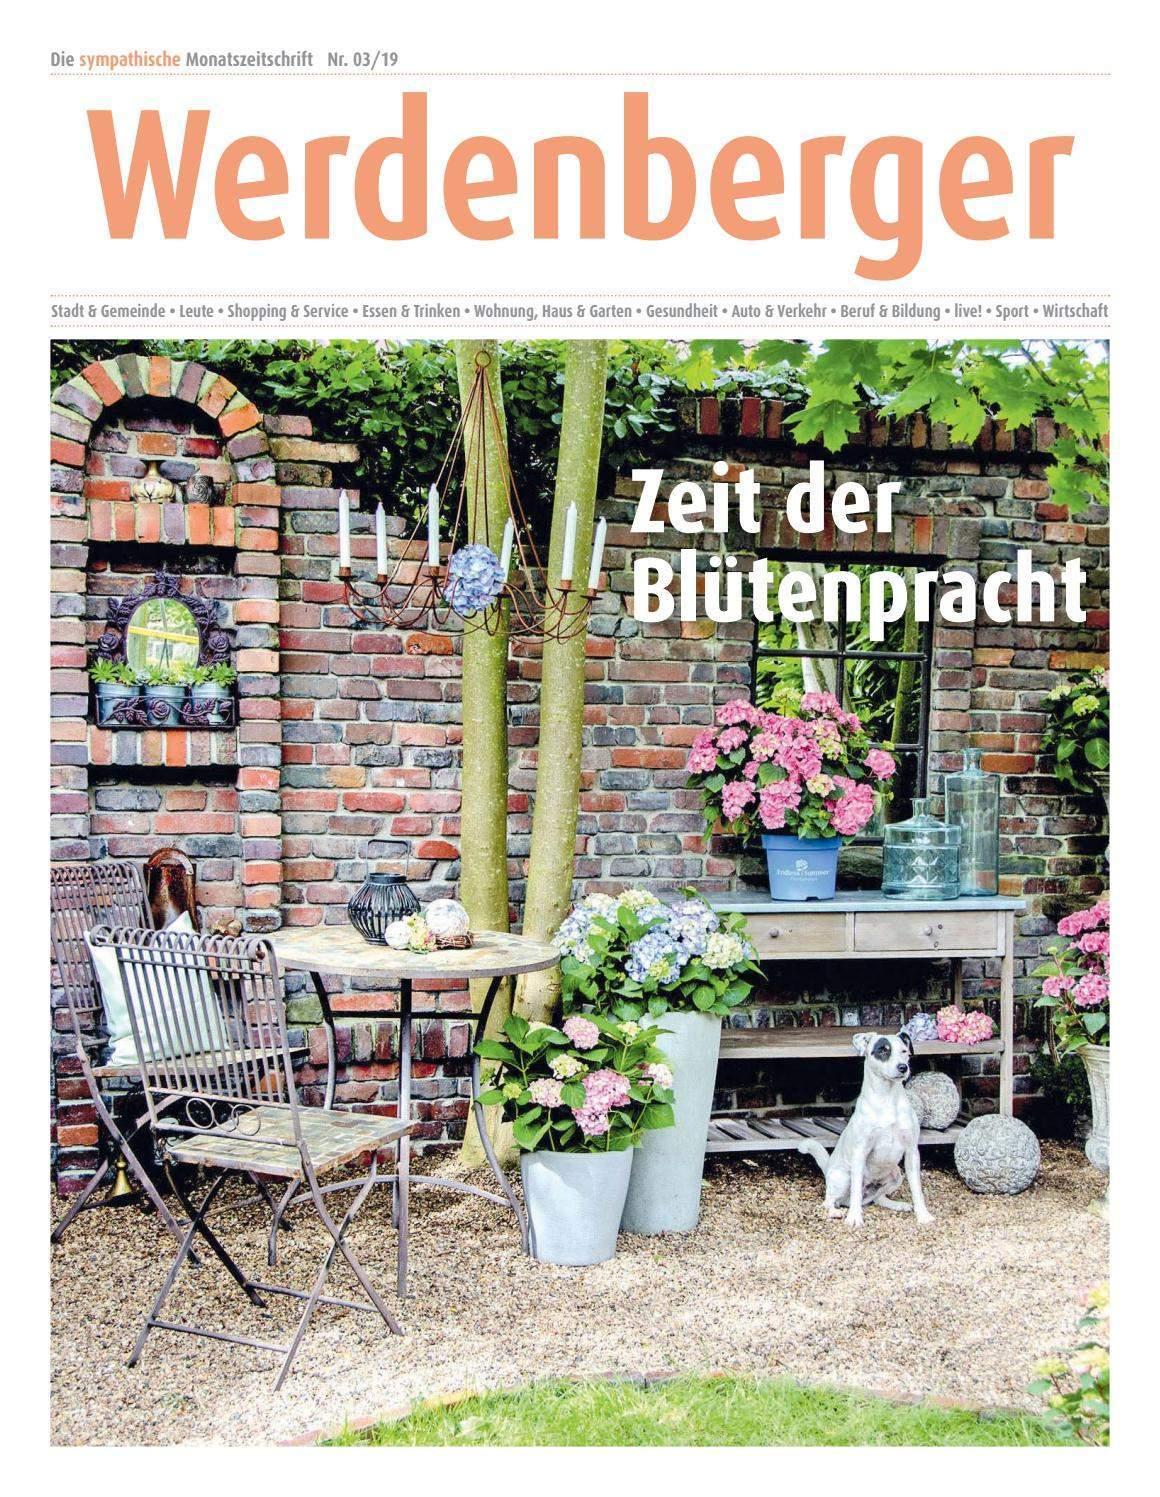 schallschutz garten selber bauen einzigartig werdenberger nr 3 19 april 2019 by lie monat issuu of schallschutz garten selber bauen